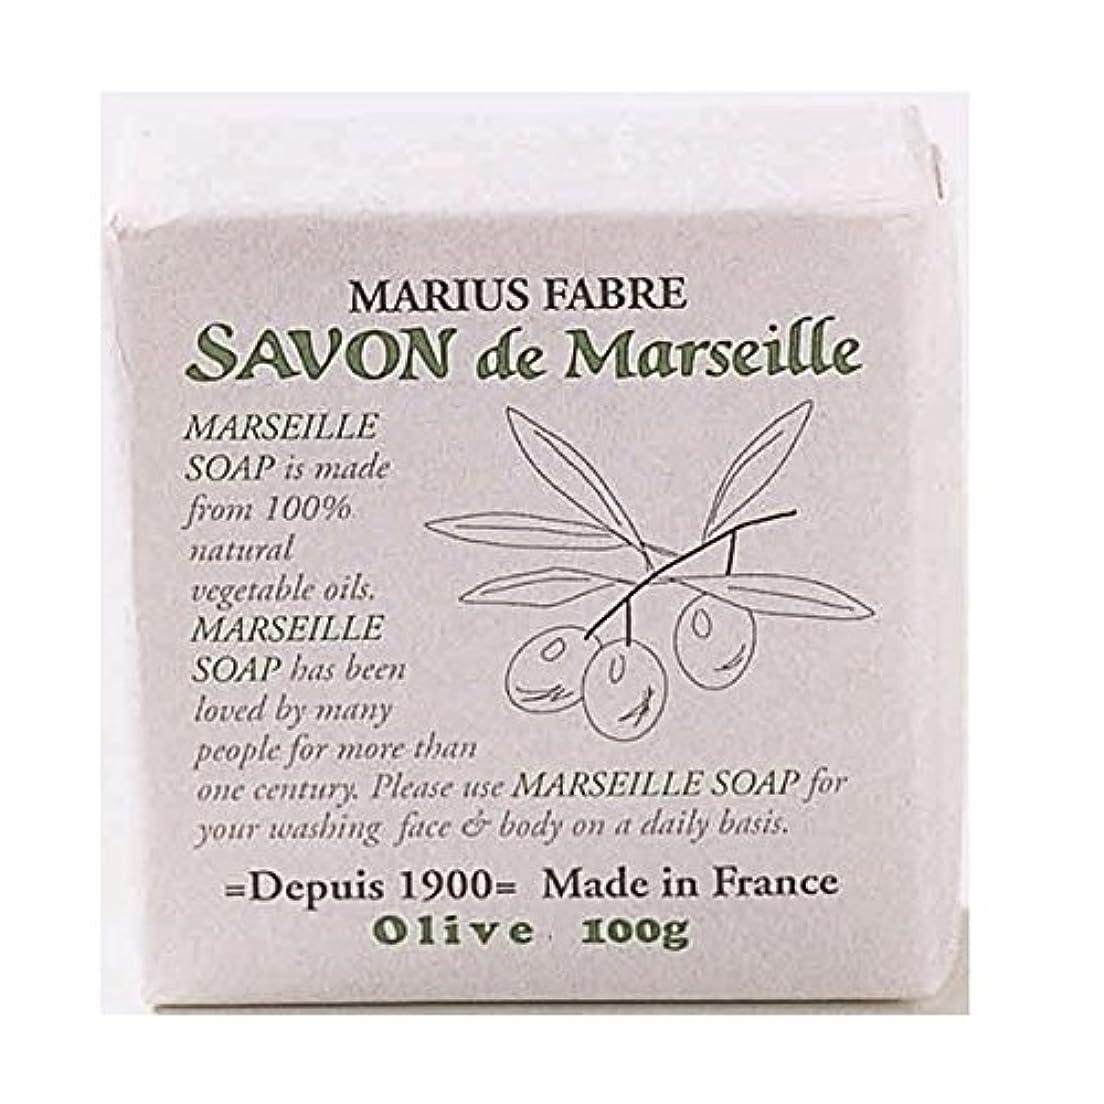 コットンかんがい必要ないサボンドマルセイユ 無香料 オリーブ石鹸 100g 6個セット マリウスファーブル